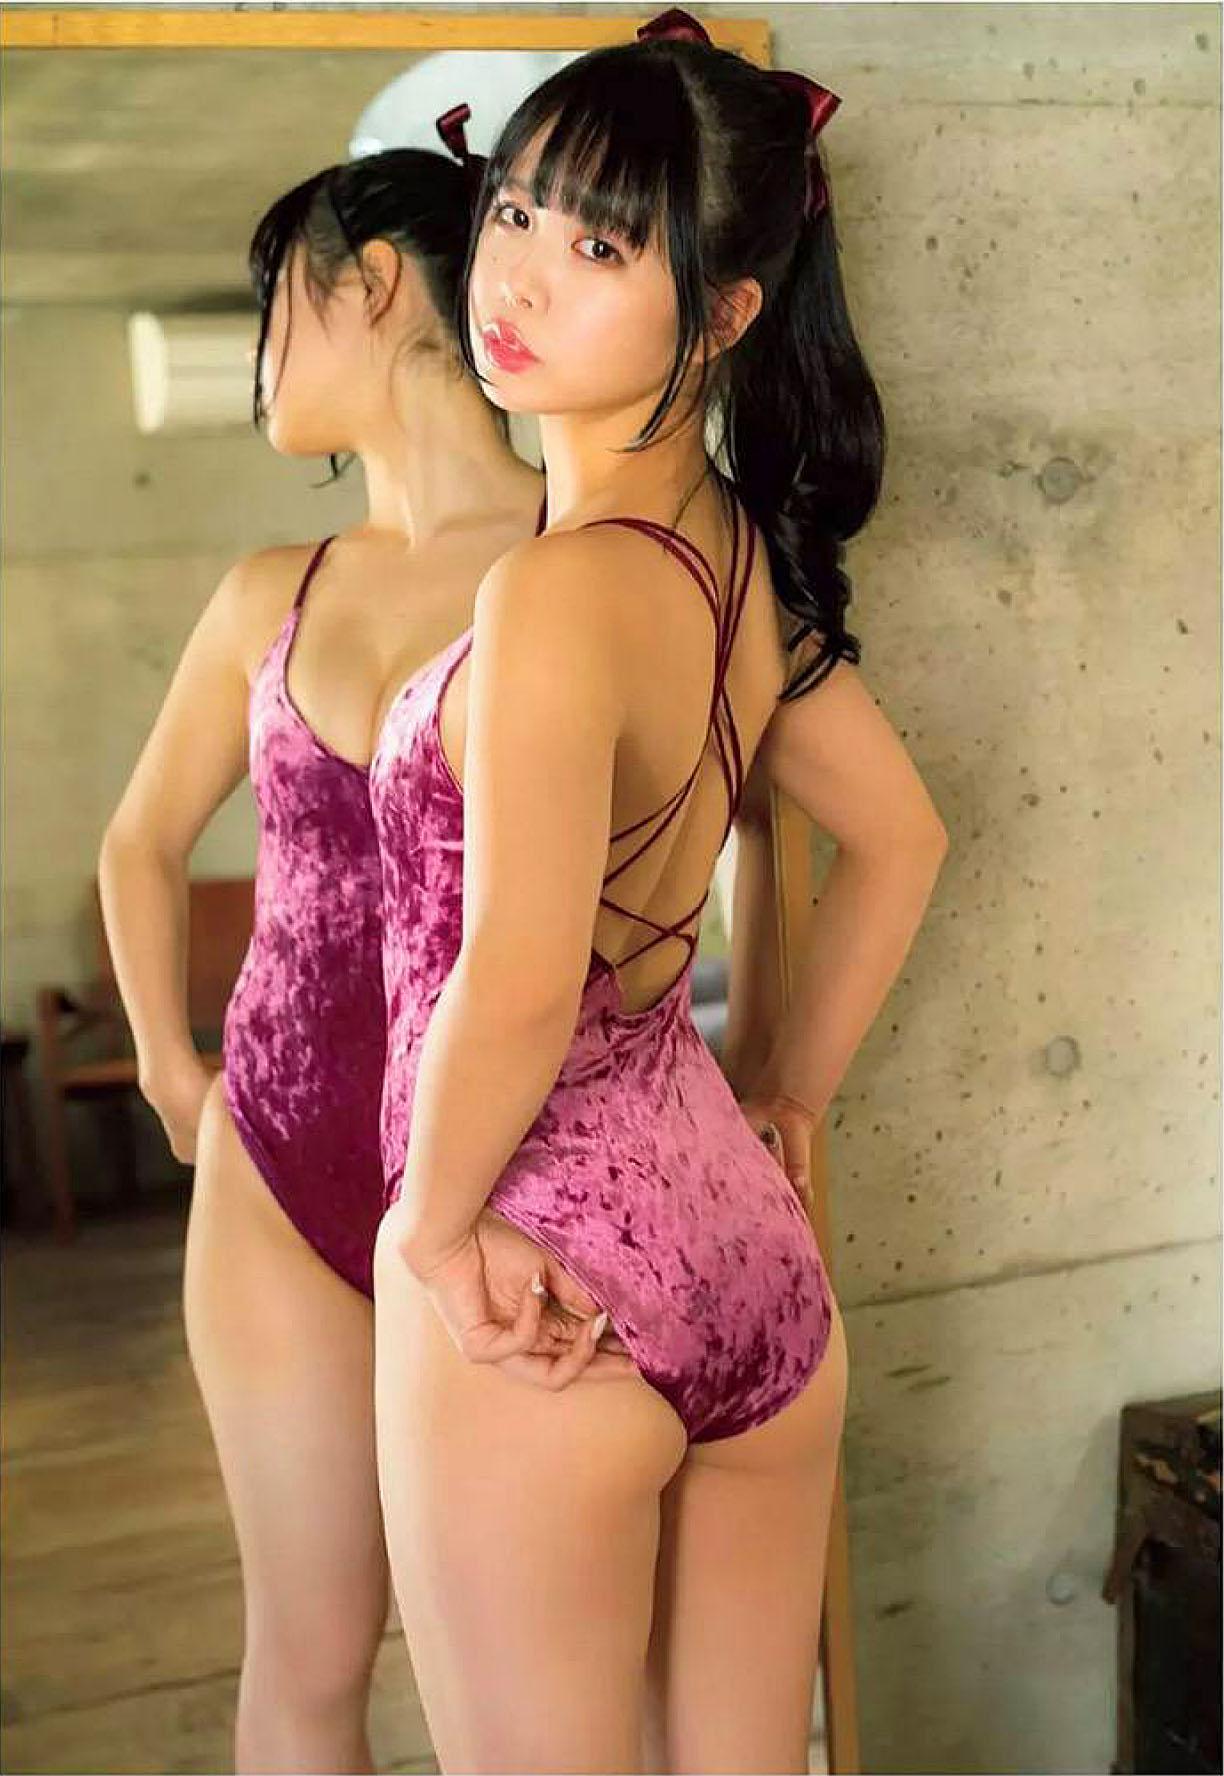 Sayaka Unagi 19 WPB 190603 02.jpg